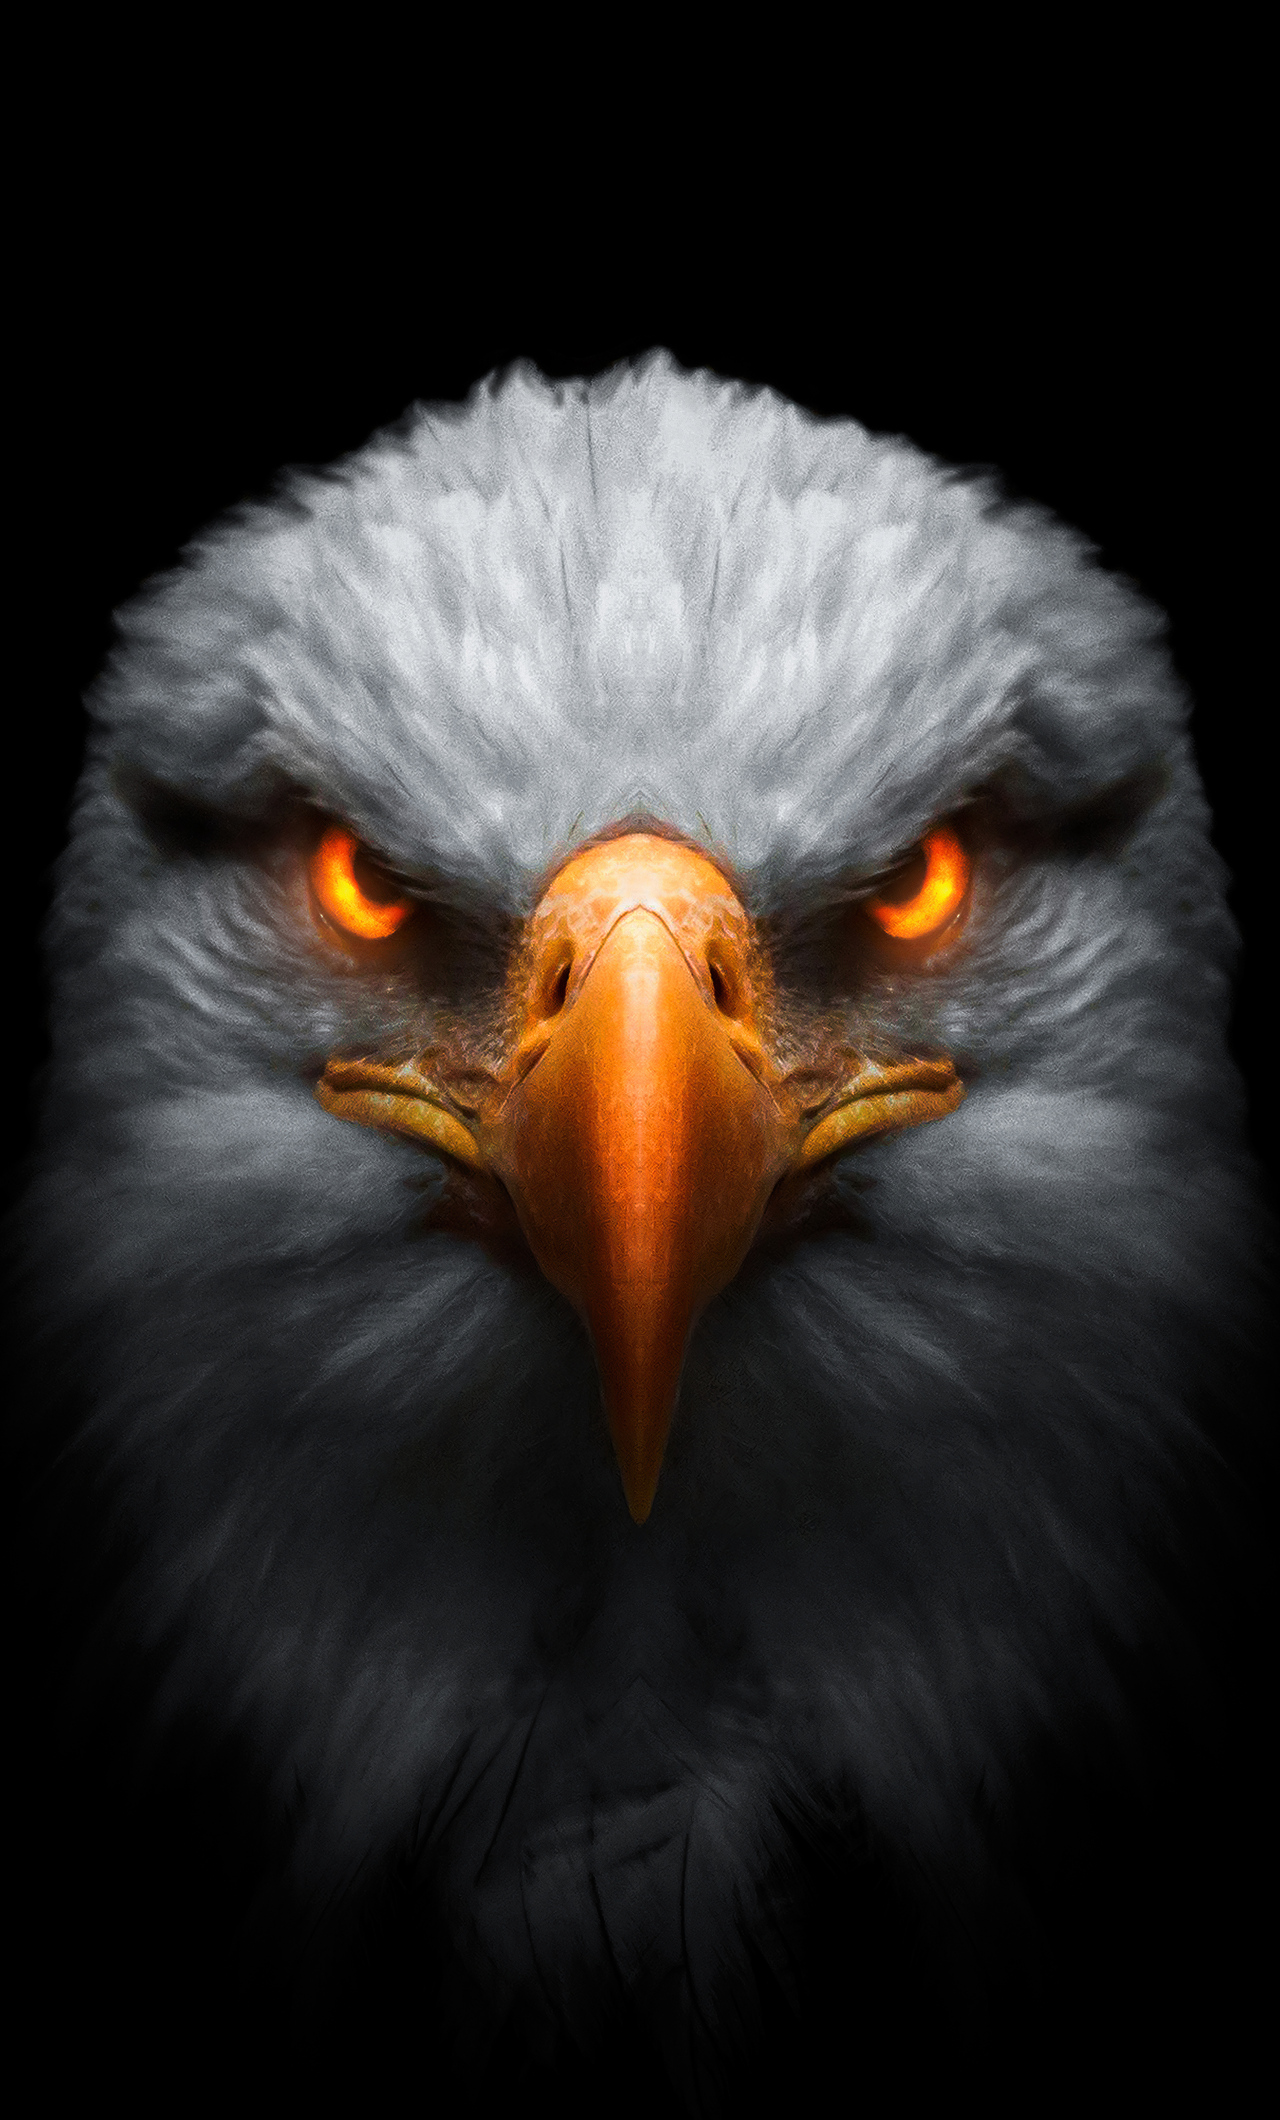 eagle-red-glowing-eyes-01.jpg